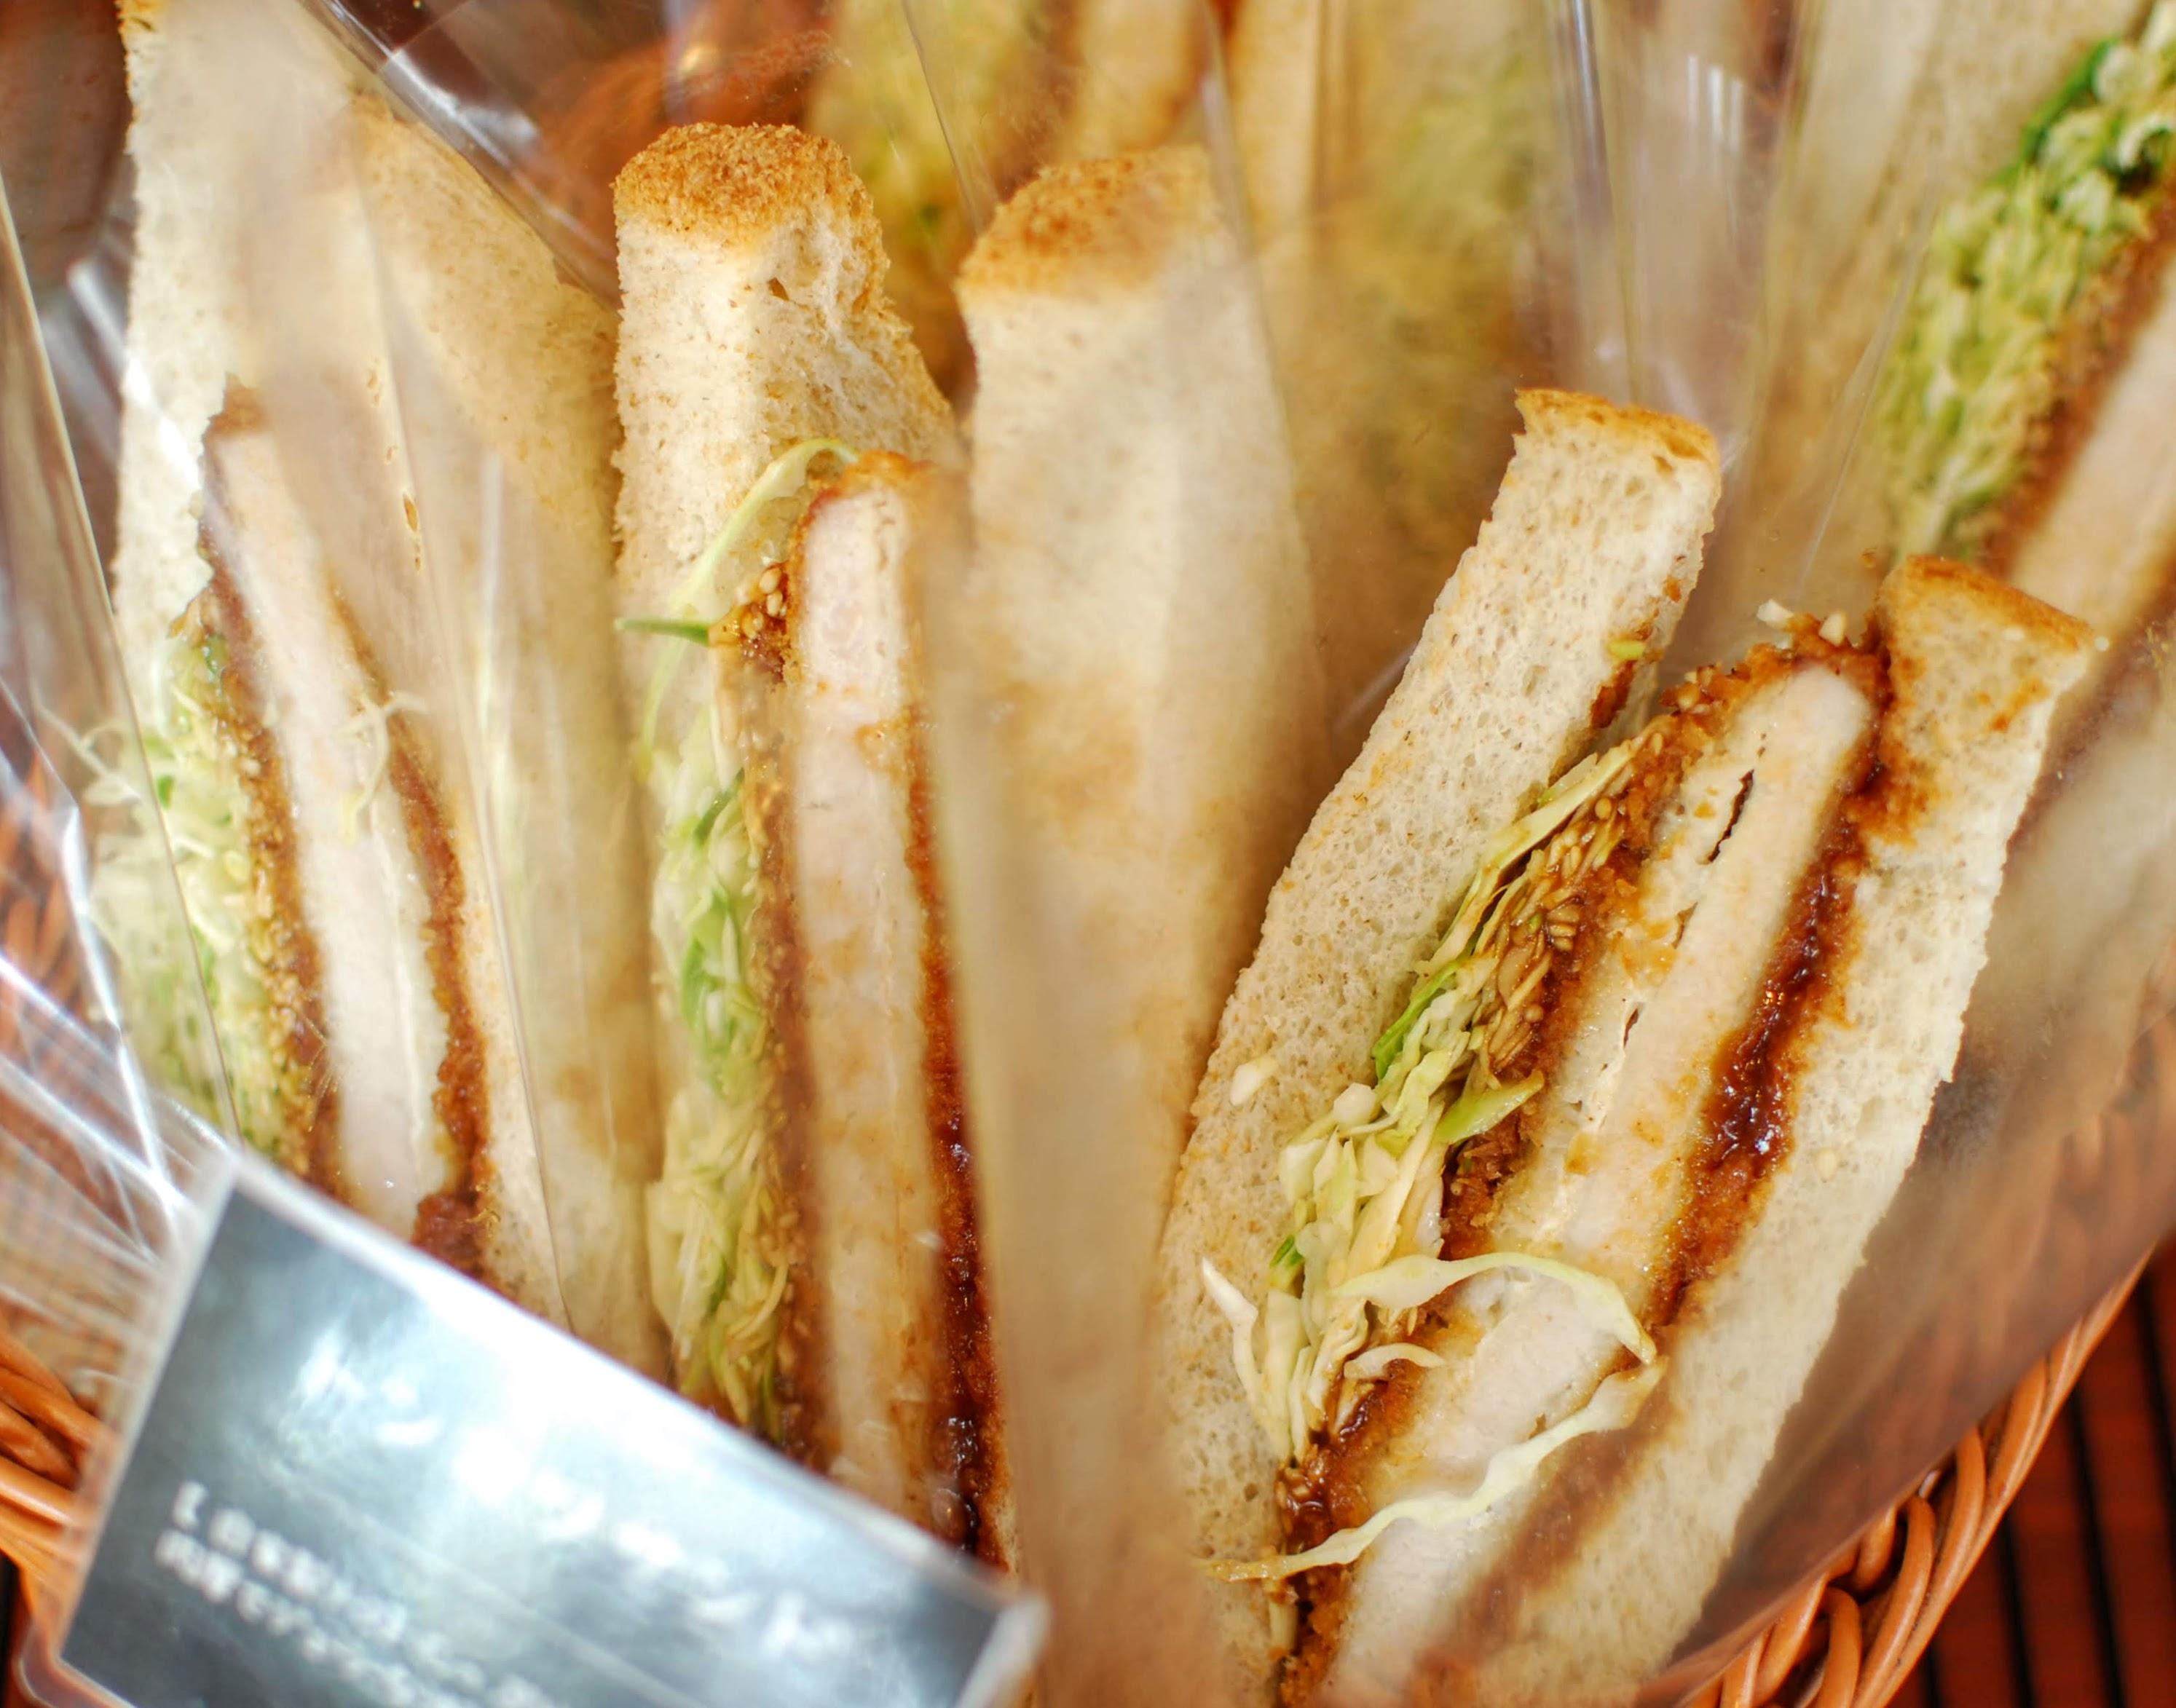 ピクニックにおすすめ「惣菜パン」ランキング!